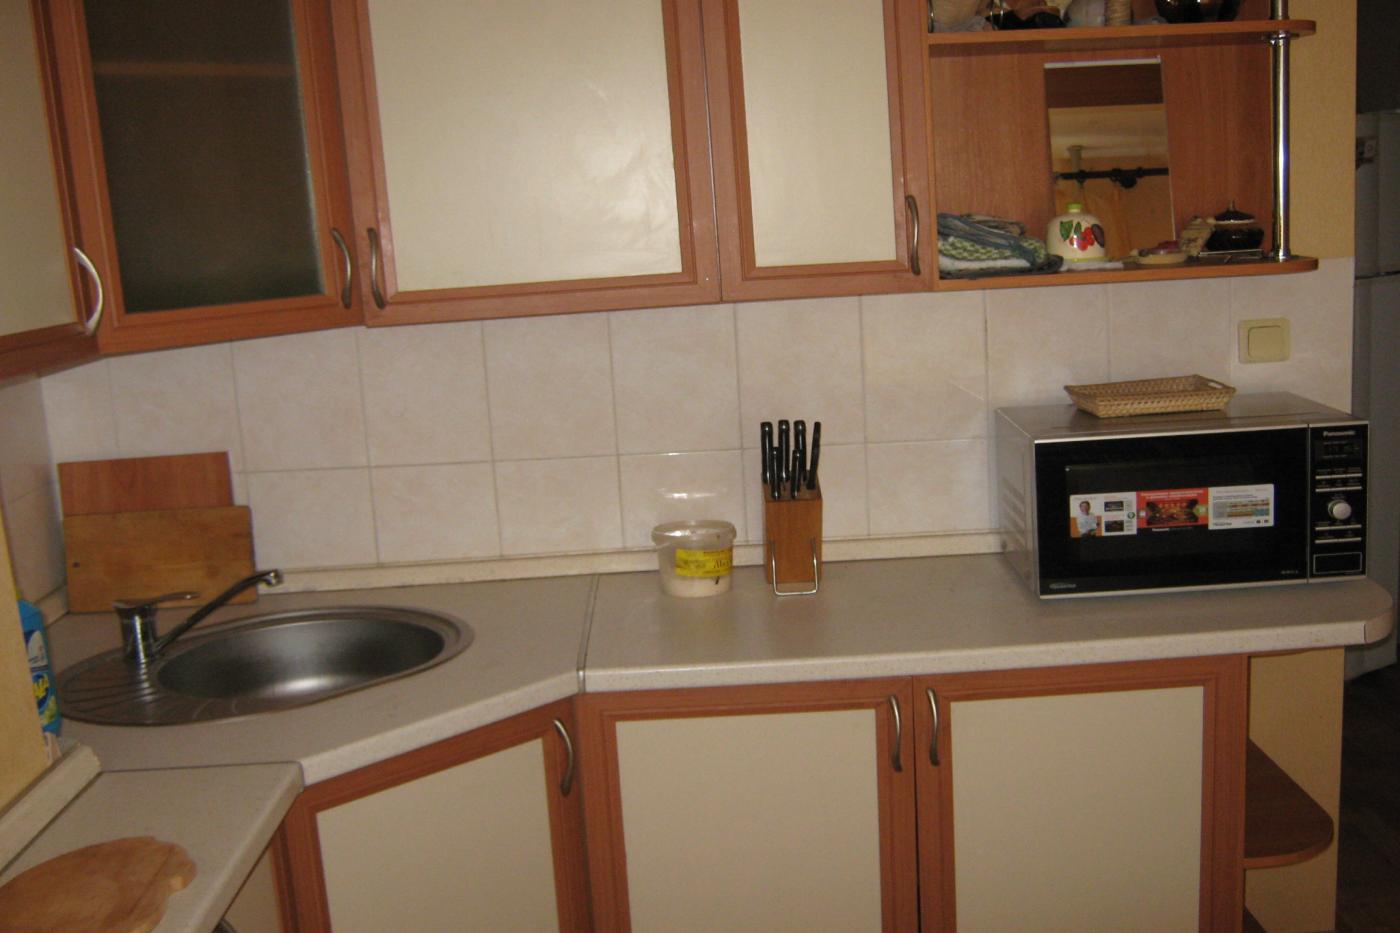 1-комнатная квартира посуточно (вариант № 1278), ул. Октябрьской Революции проспект, фото № 6